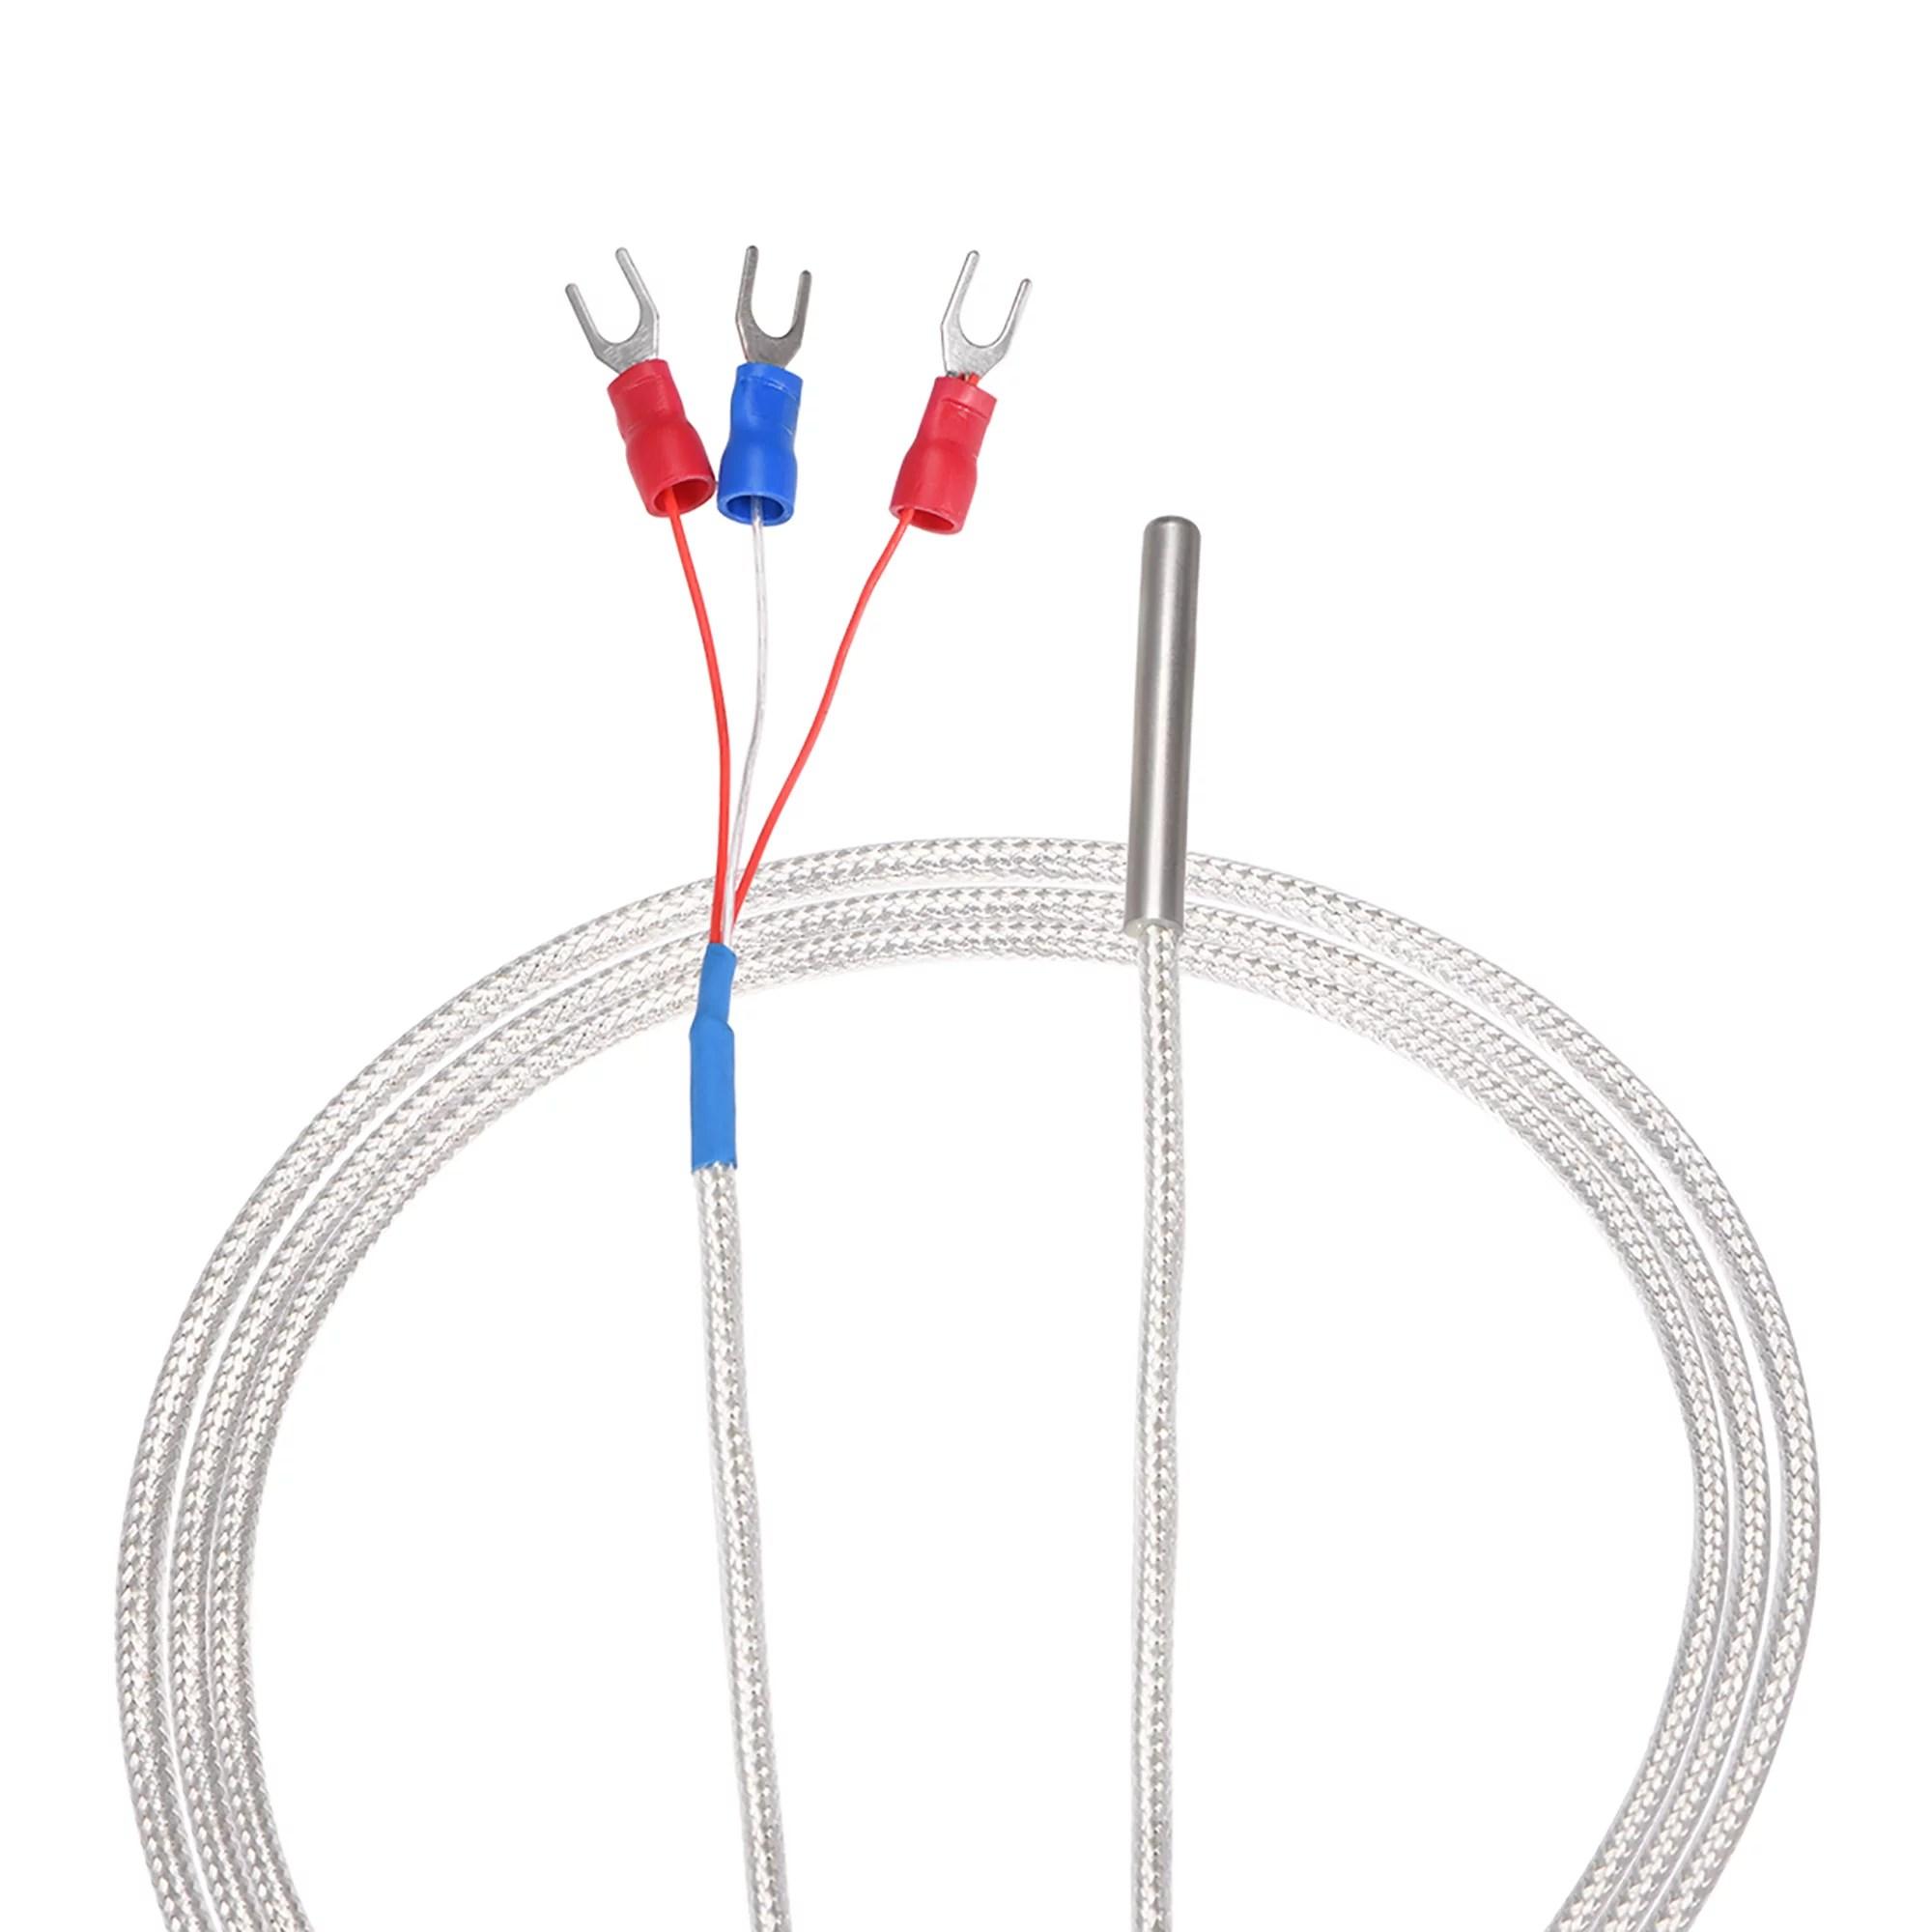 Pt100 Rtd Temperature Sensor Probe 3 Wire Cable